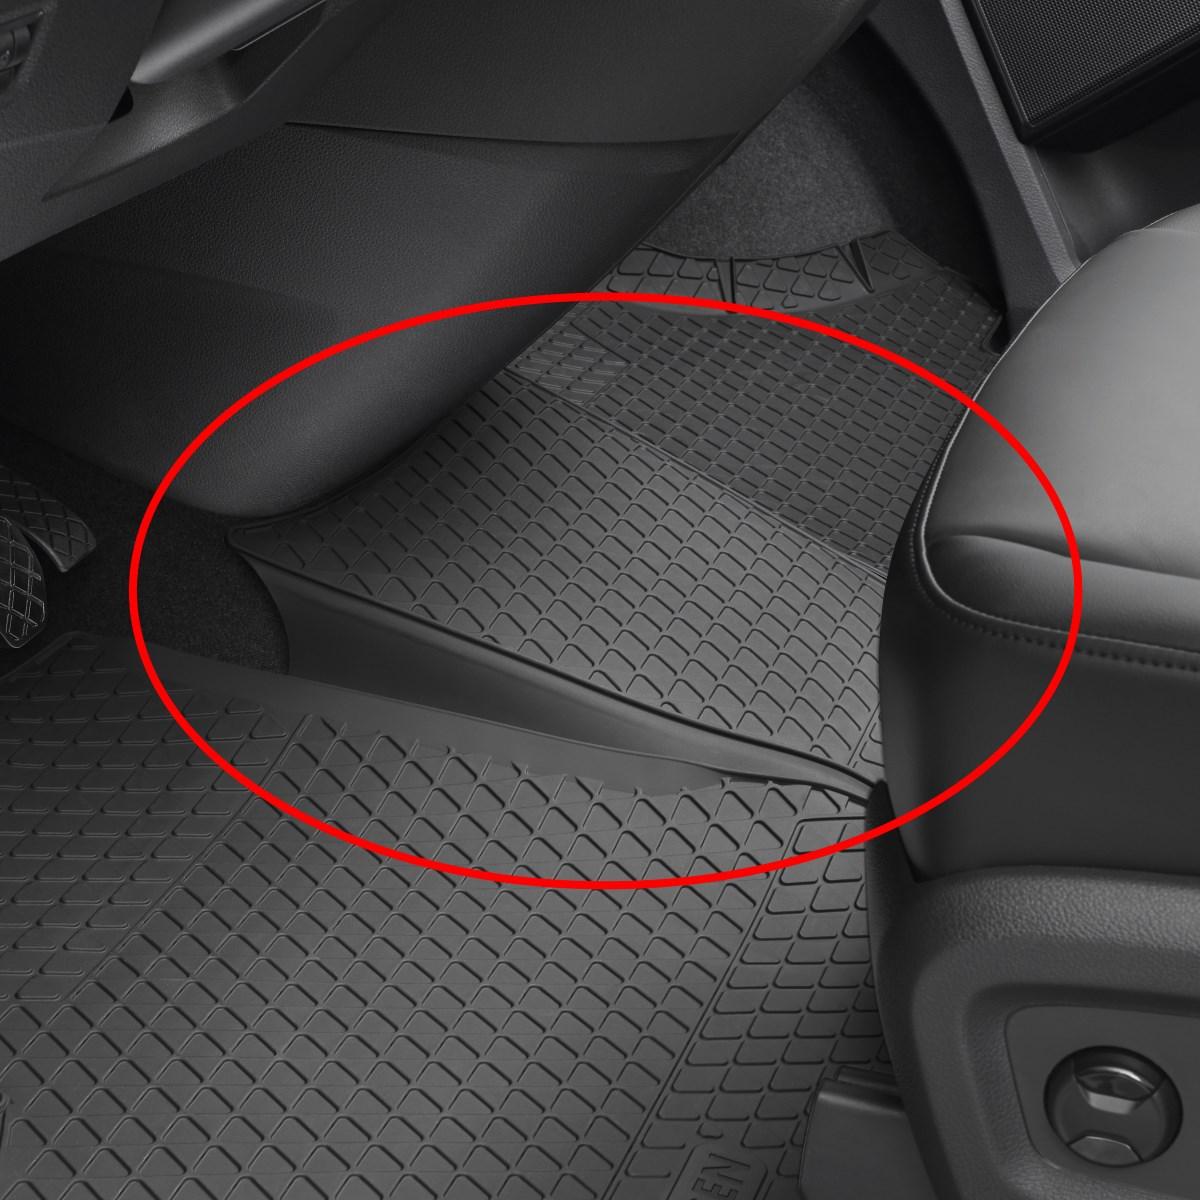 Volkswagen Gummifussmatten VW T5 vorn Gummimatten Gummi Fußmatten Matten